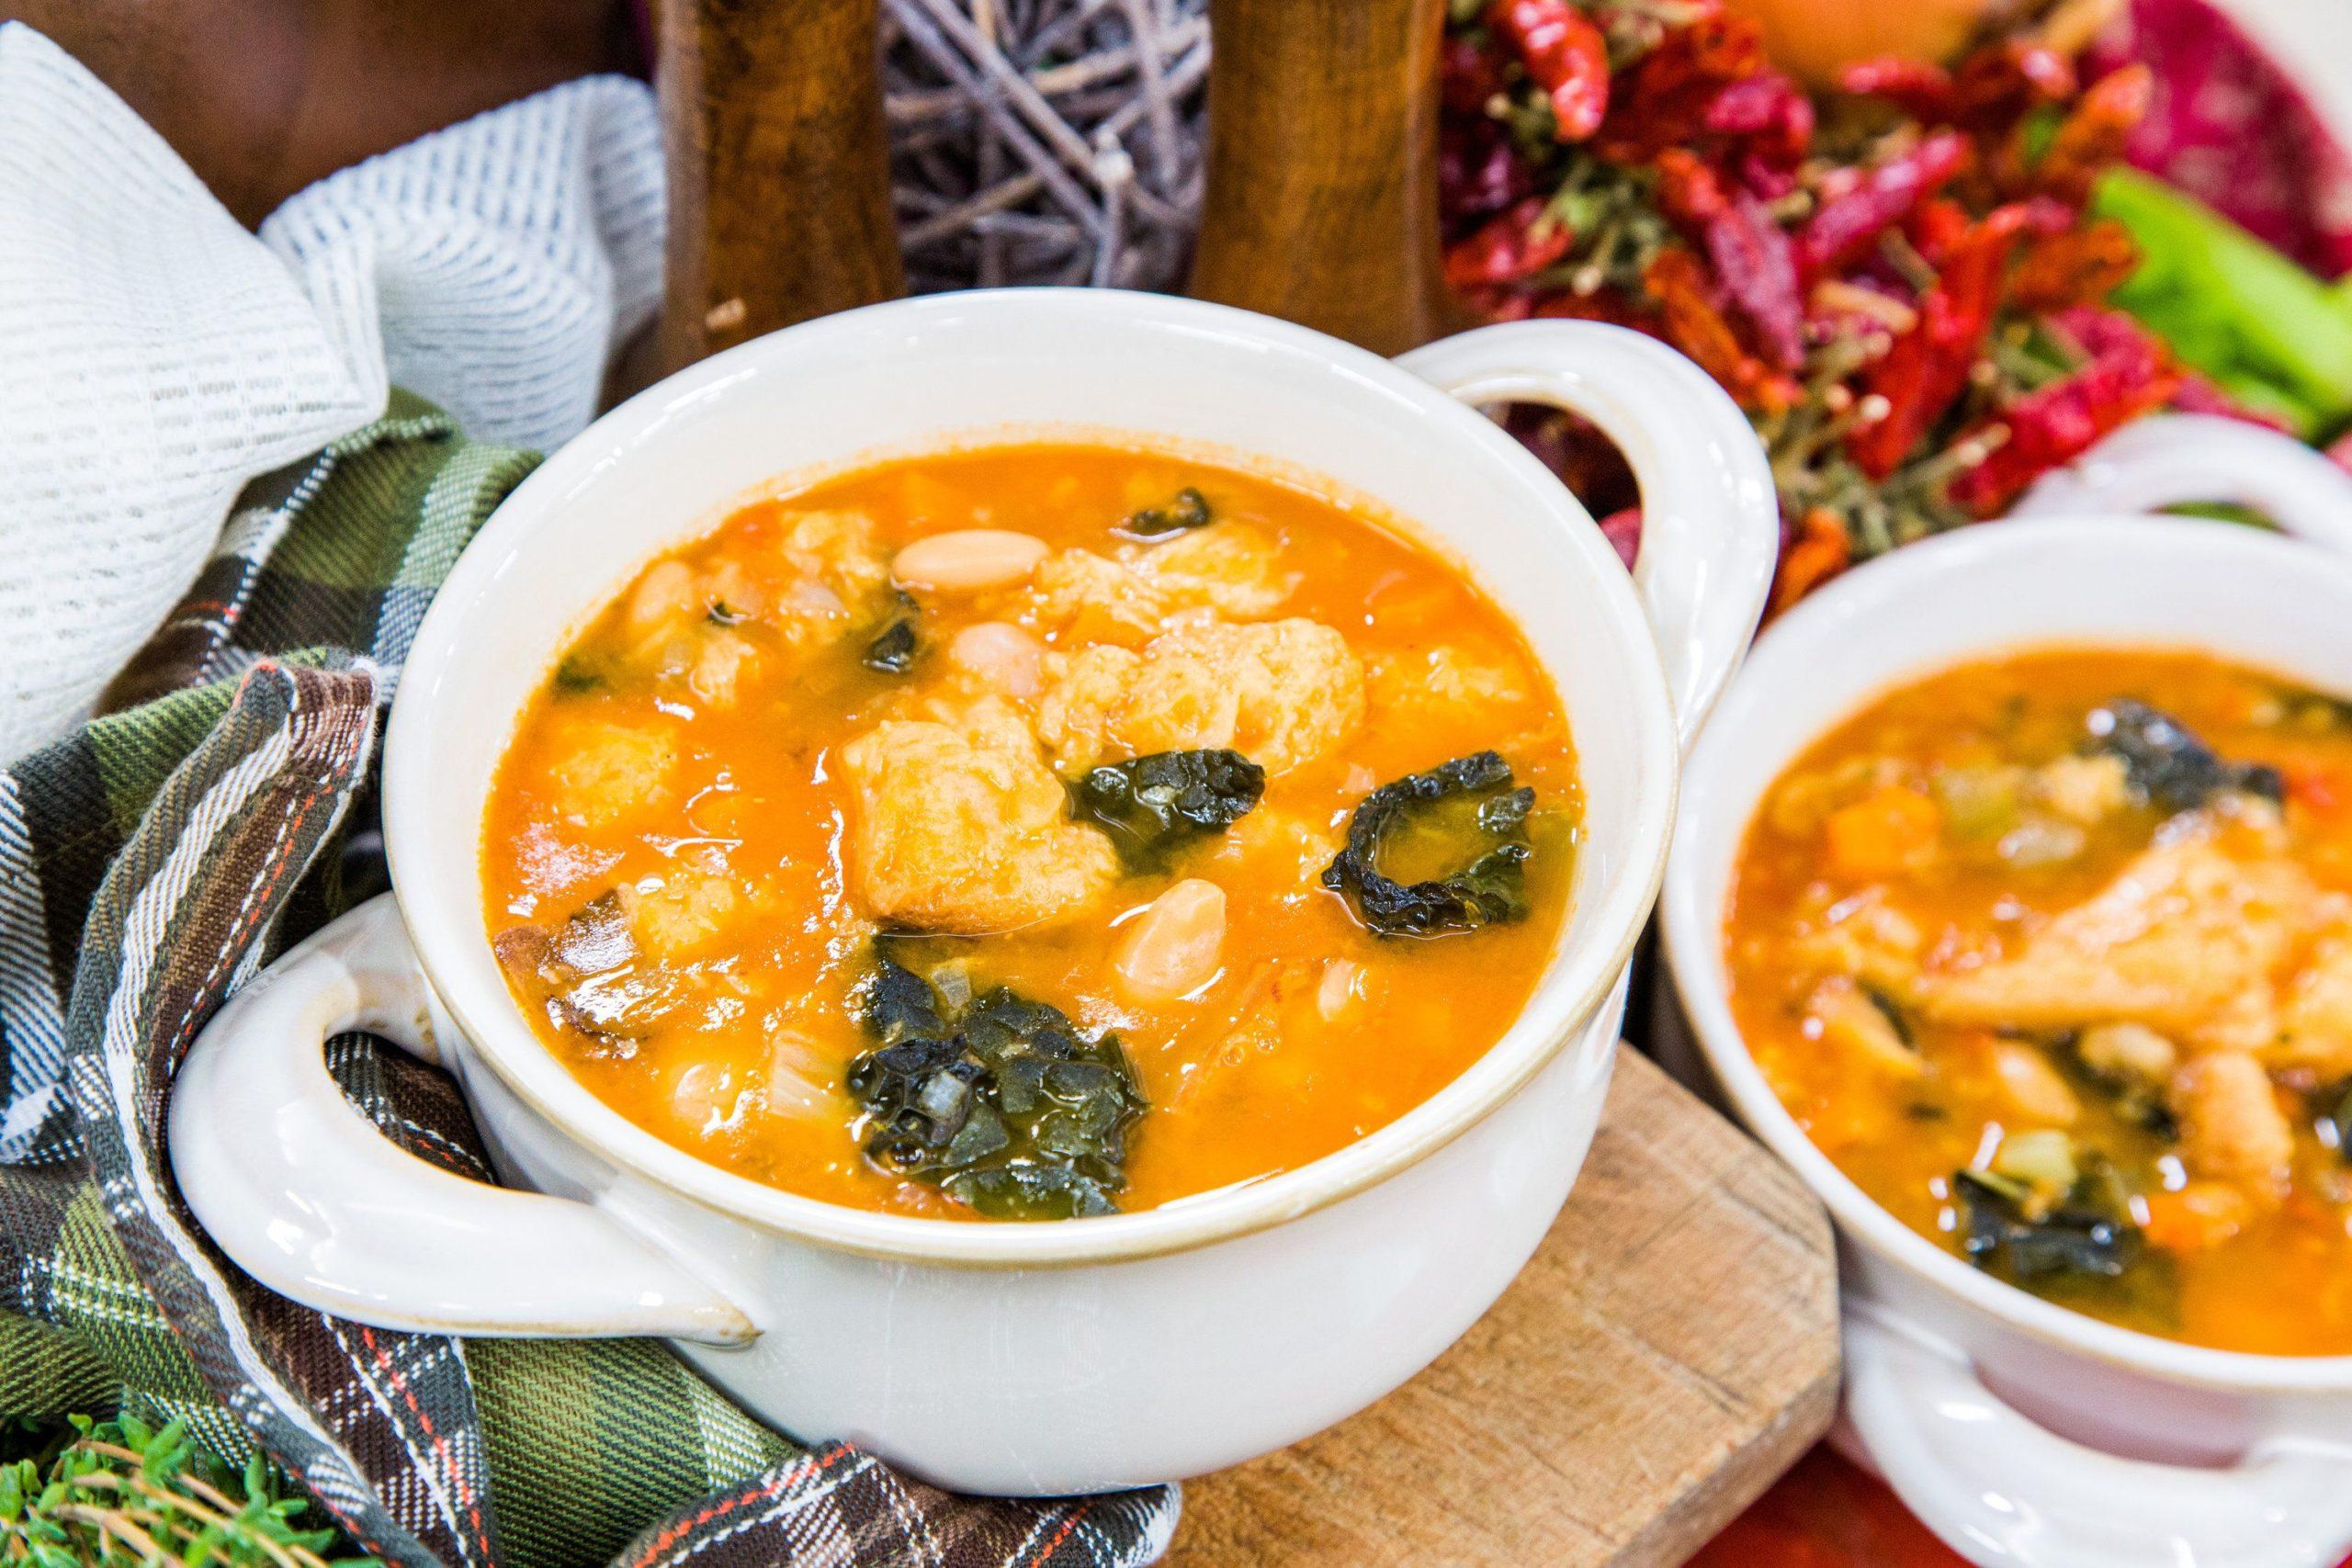 Italian Ribollita Soup With White Beans & Kale